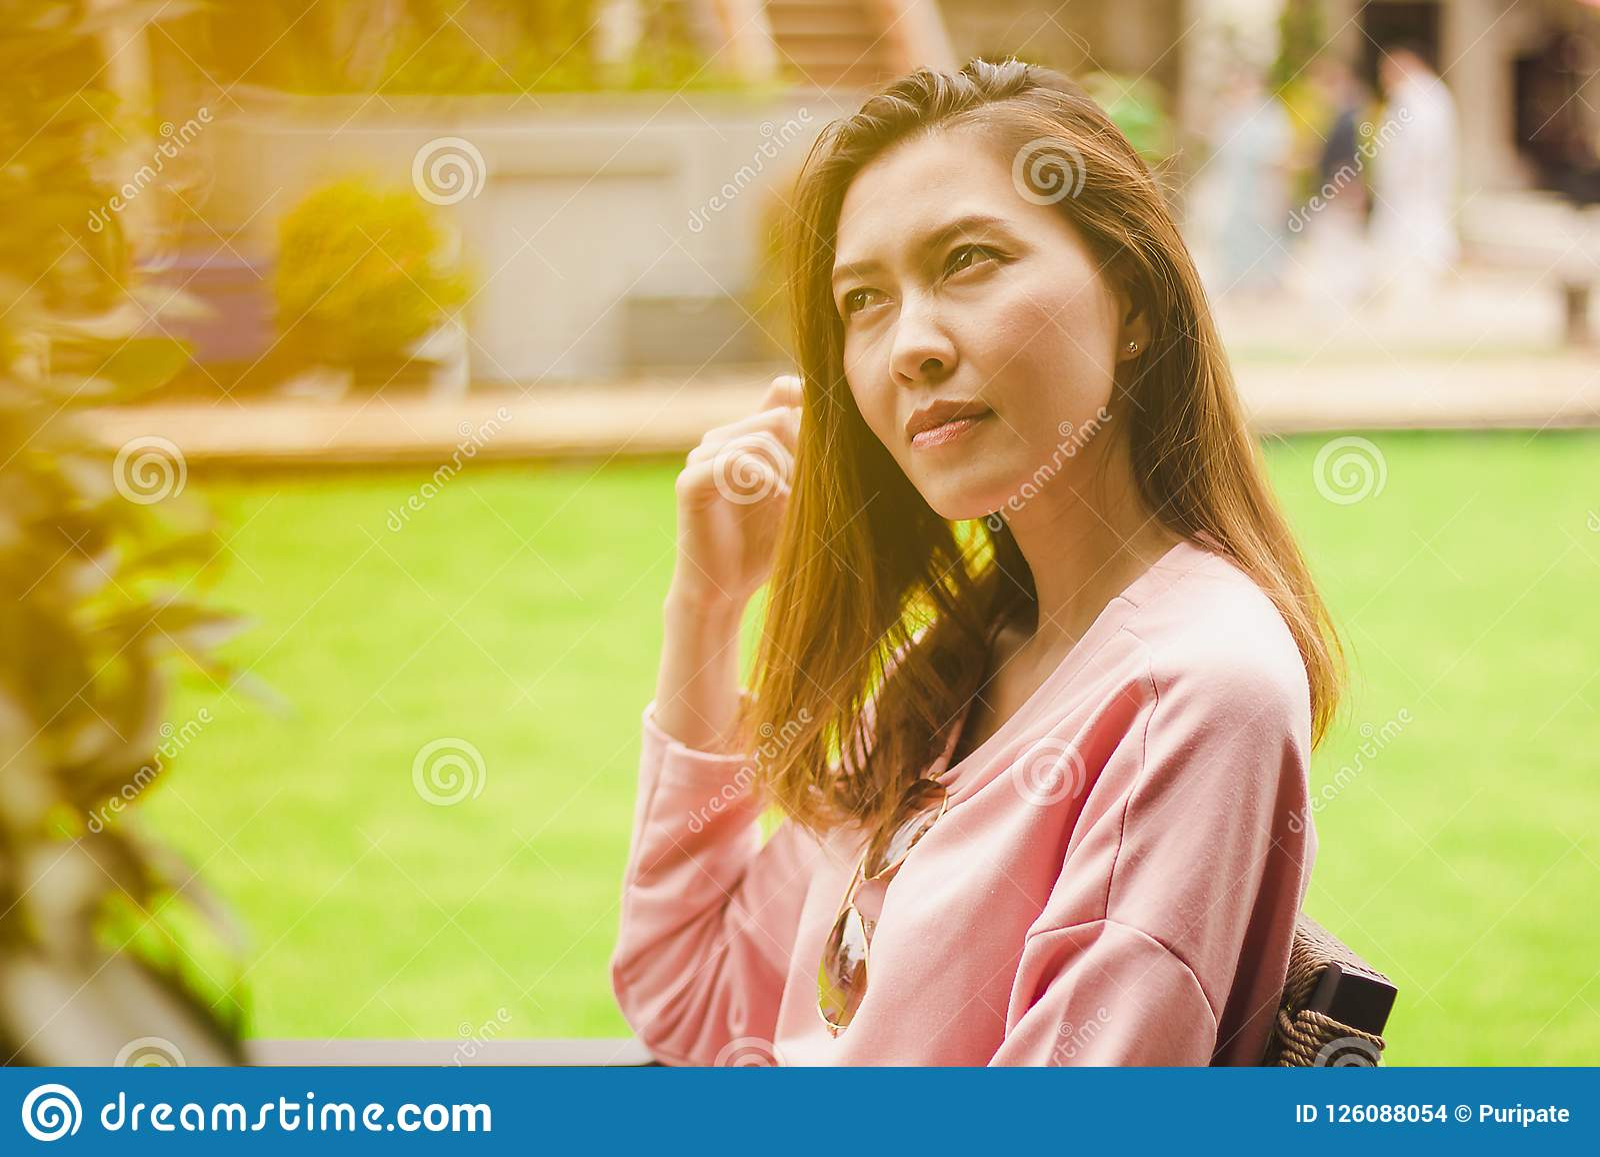 Девушка сидя на деревянный смотреть стула